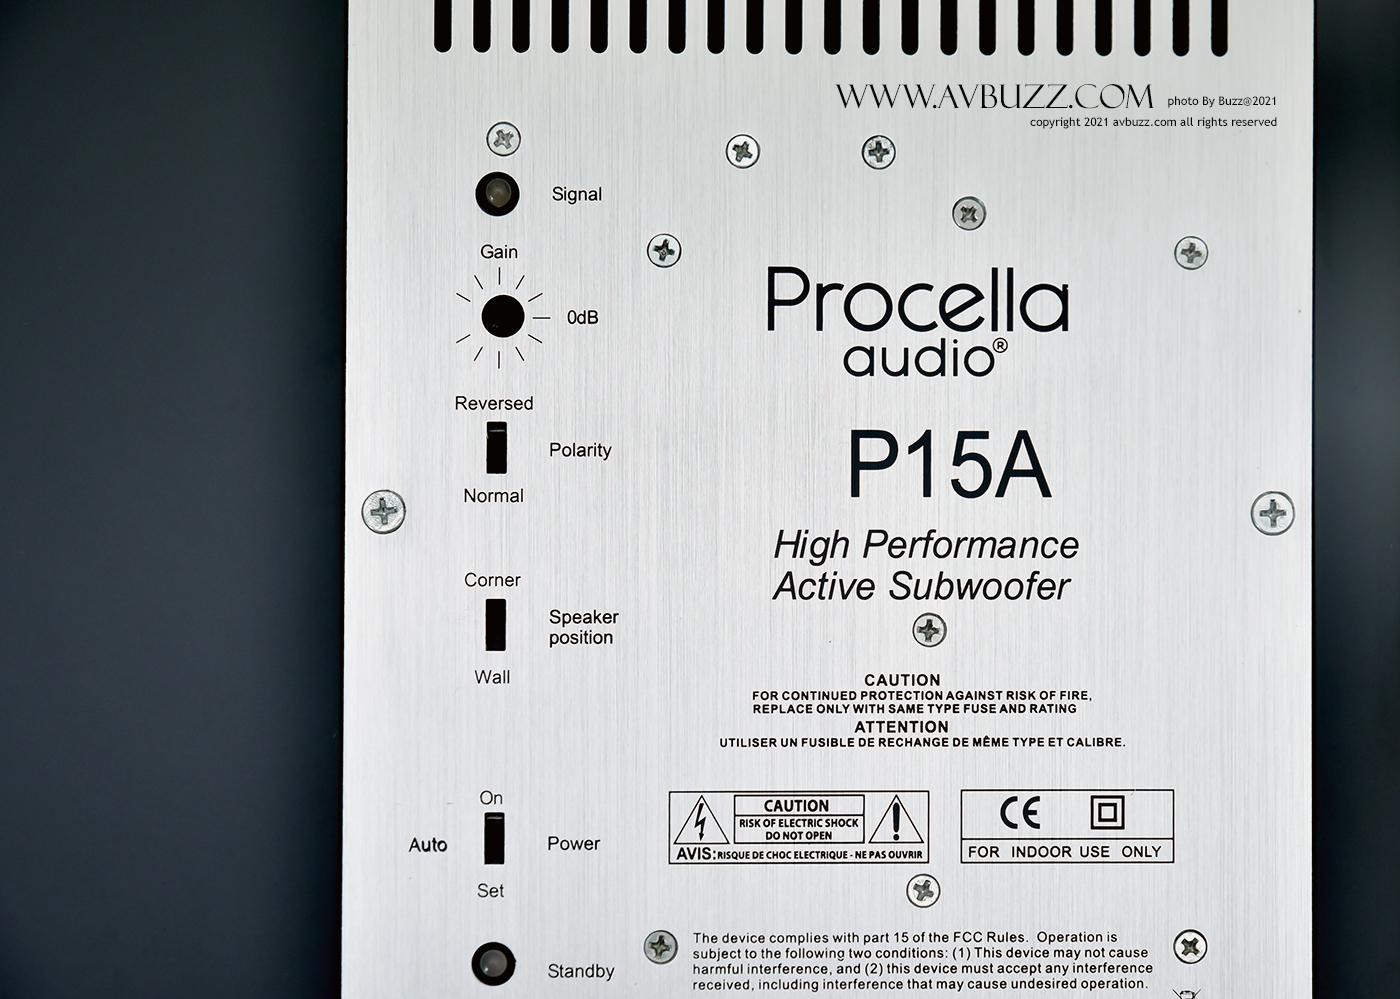 Procella Audio P15A00003